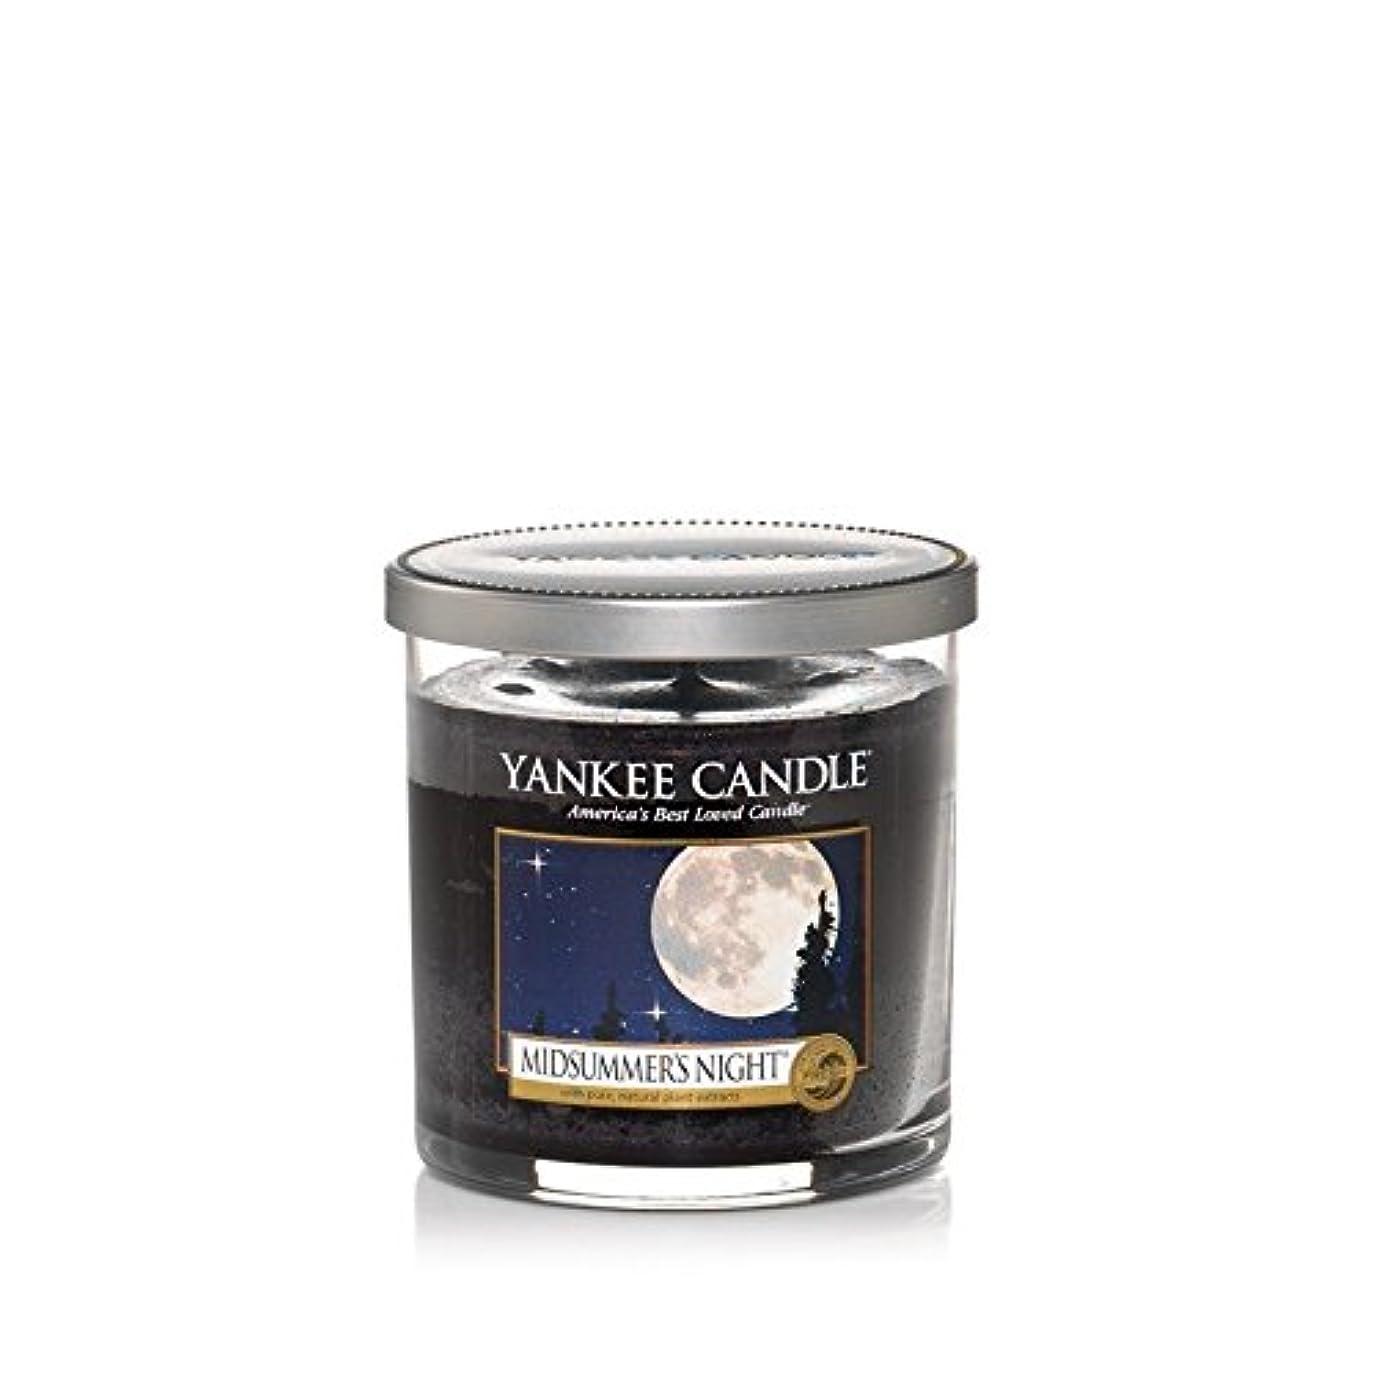 おかしい数拒絶するYankee Candles Small Pillar Candle - Midsummers Night (Pack of 2) - ヤンキーキャンドルの小さな柱キャンドル - Midsummers夜 (x2) [並行輸入品]